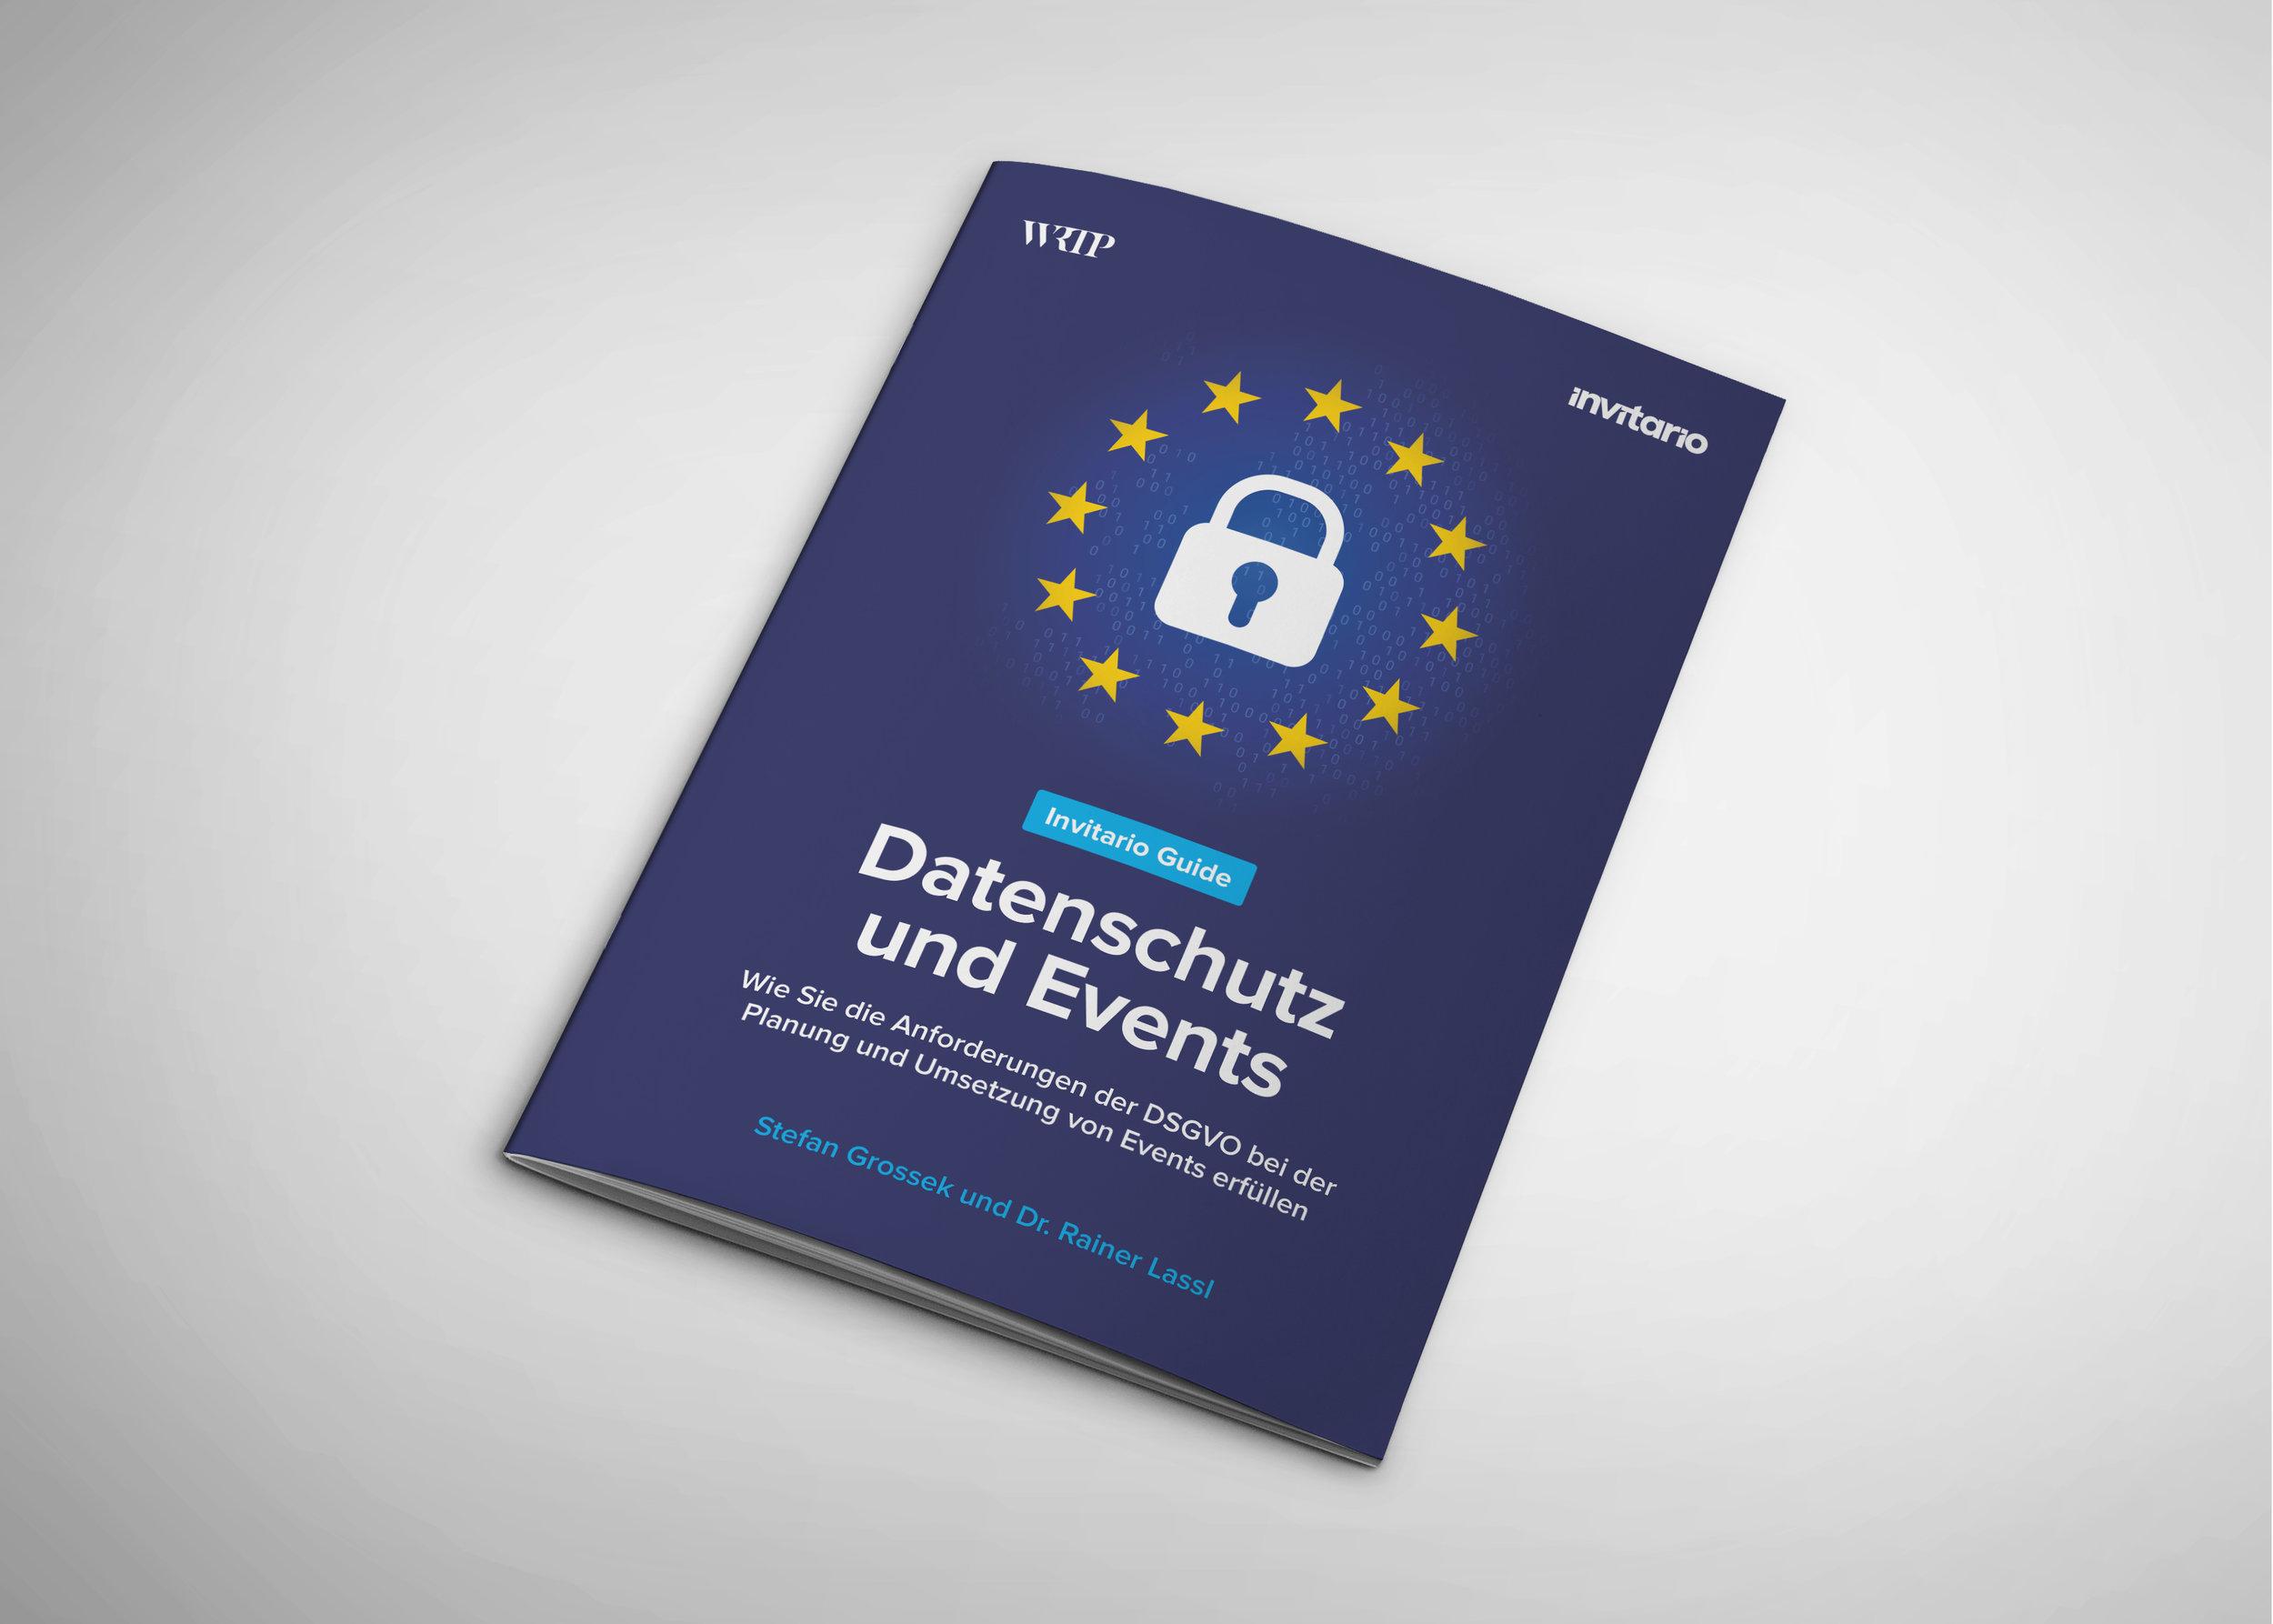 Der Guide Zu Datenschutz Und Events Alles Zu Den Anforderungen Der